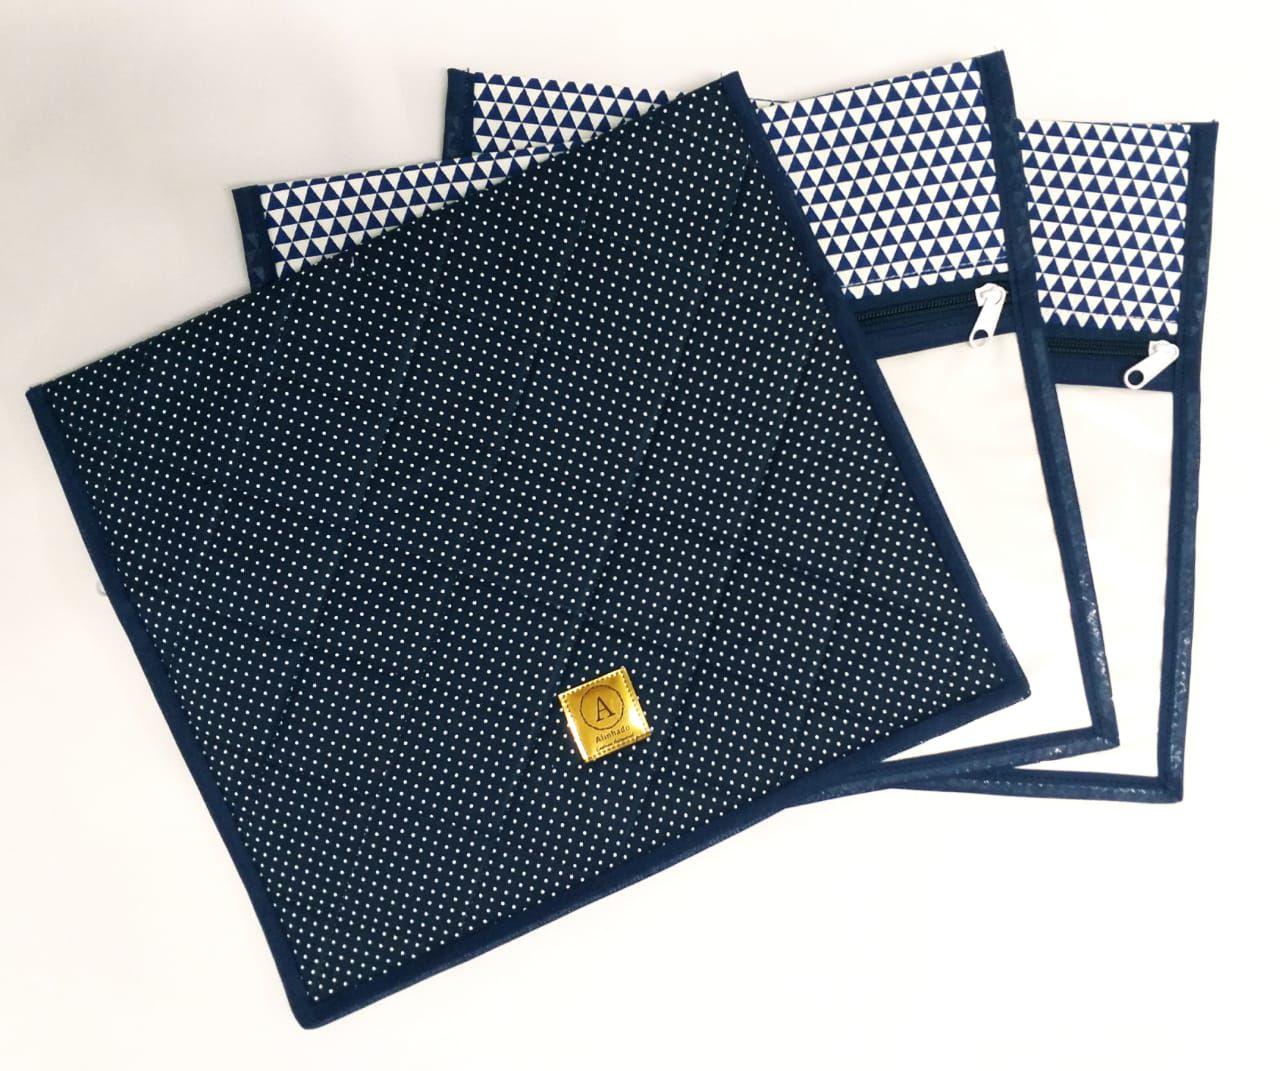 Kit Maternidade Triângulos Azul Marinho - 3 Saquinhos E 2 Necessaires + Saco Roupa Suja